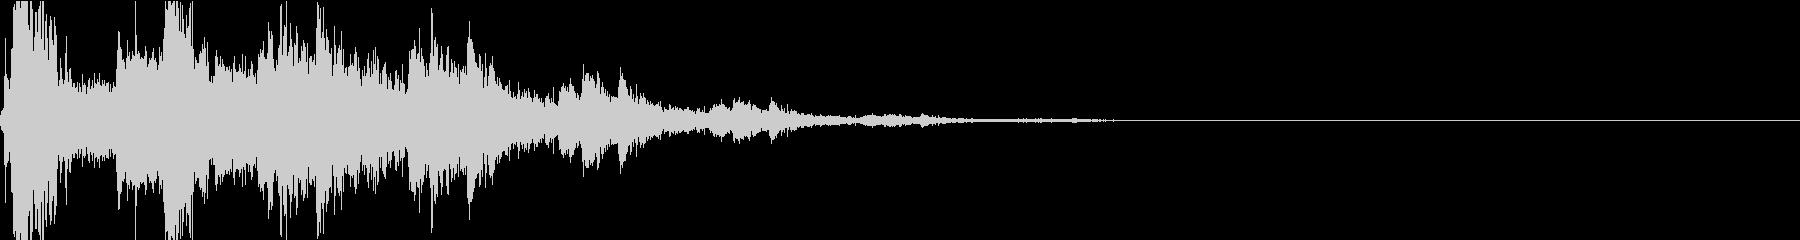 バリン:瓶を投げて割る音・衝撃・物音の未再生の波形